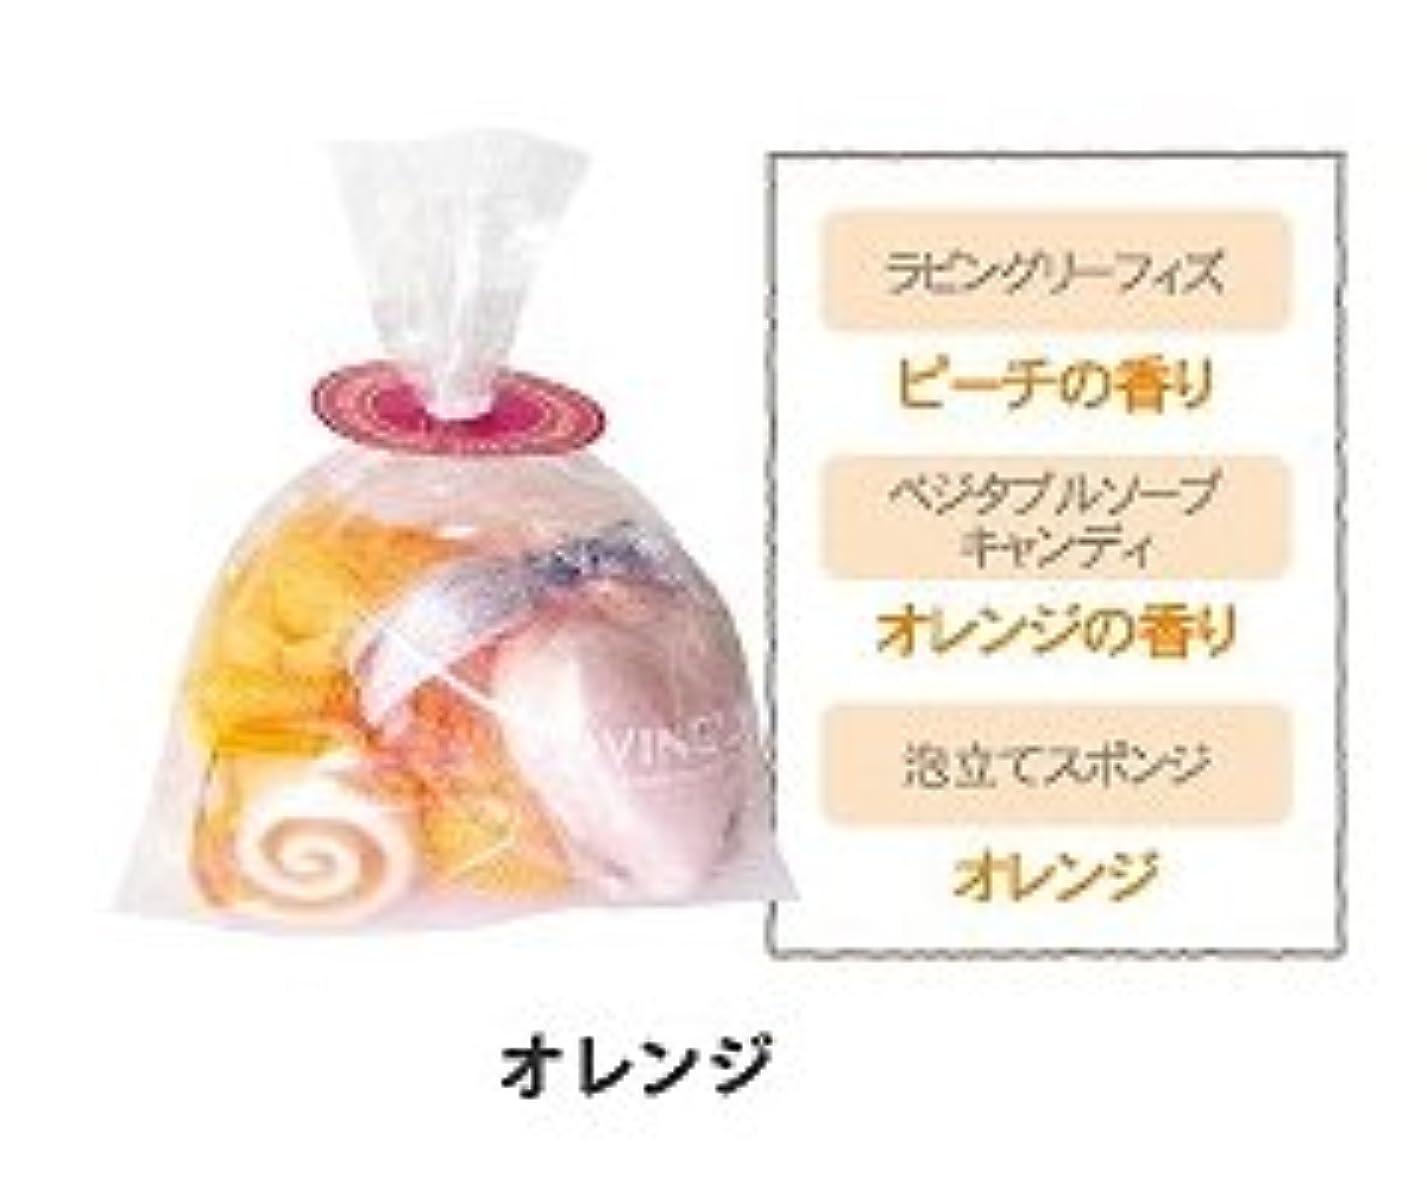 不実感謝している慣習カラフルキャンディ バスバッグ オレンジ 12個セット